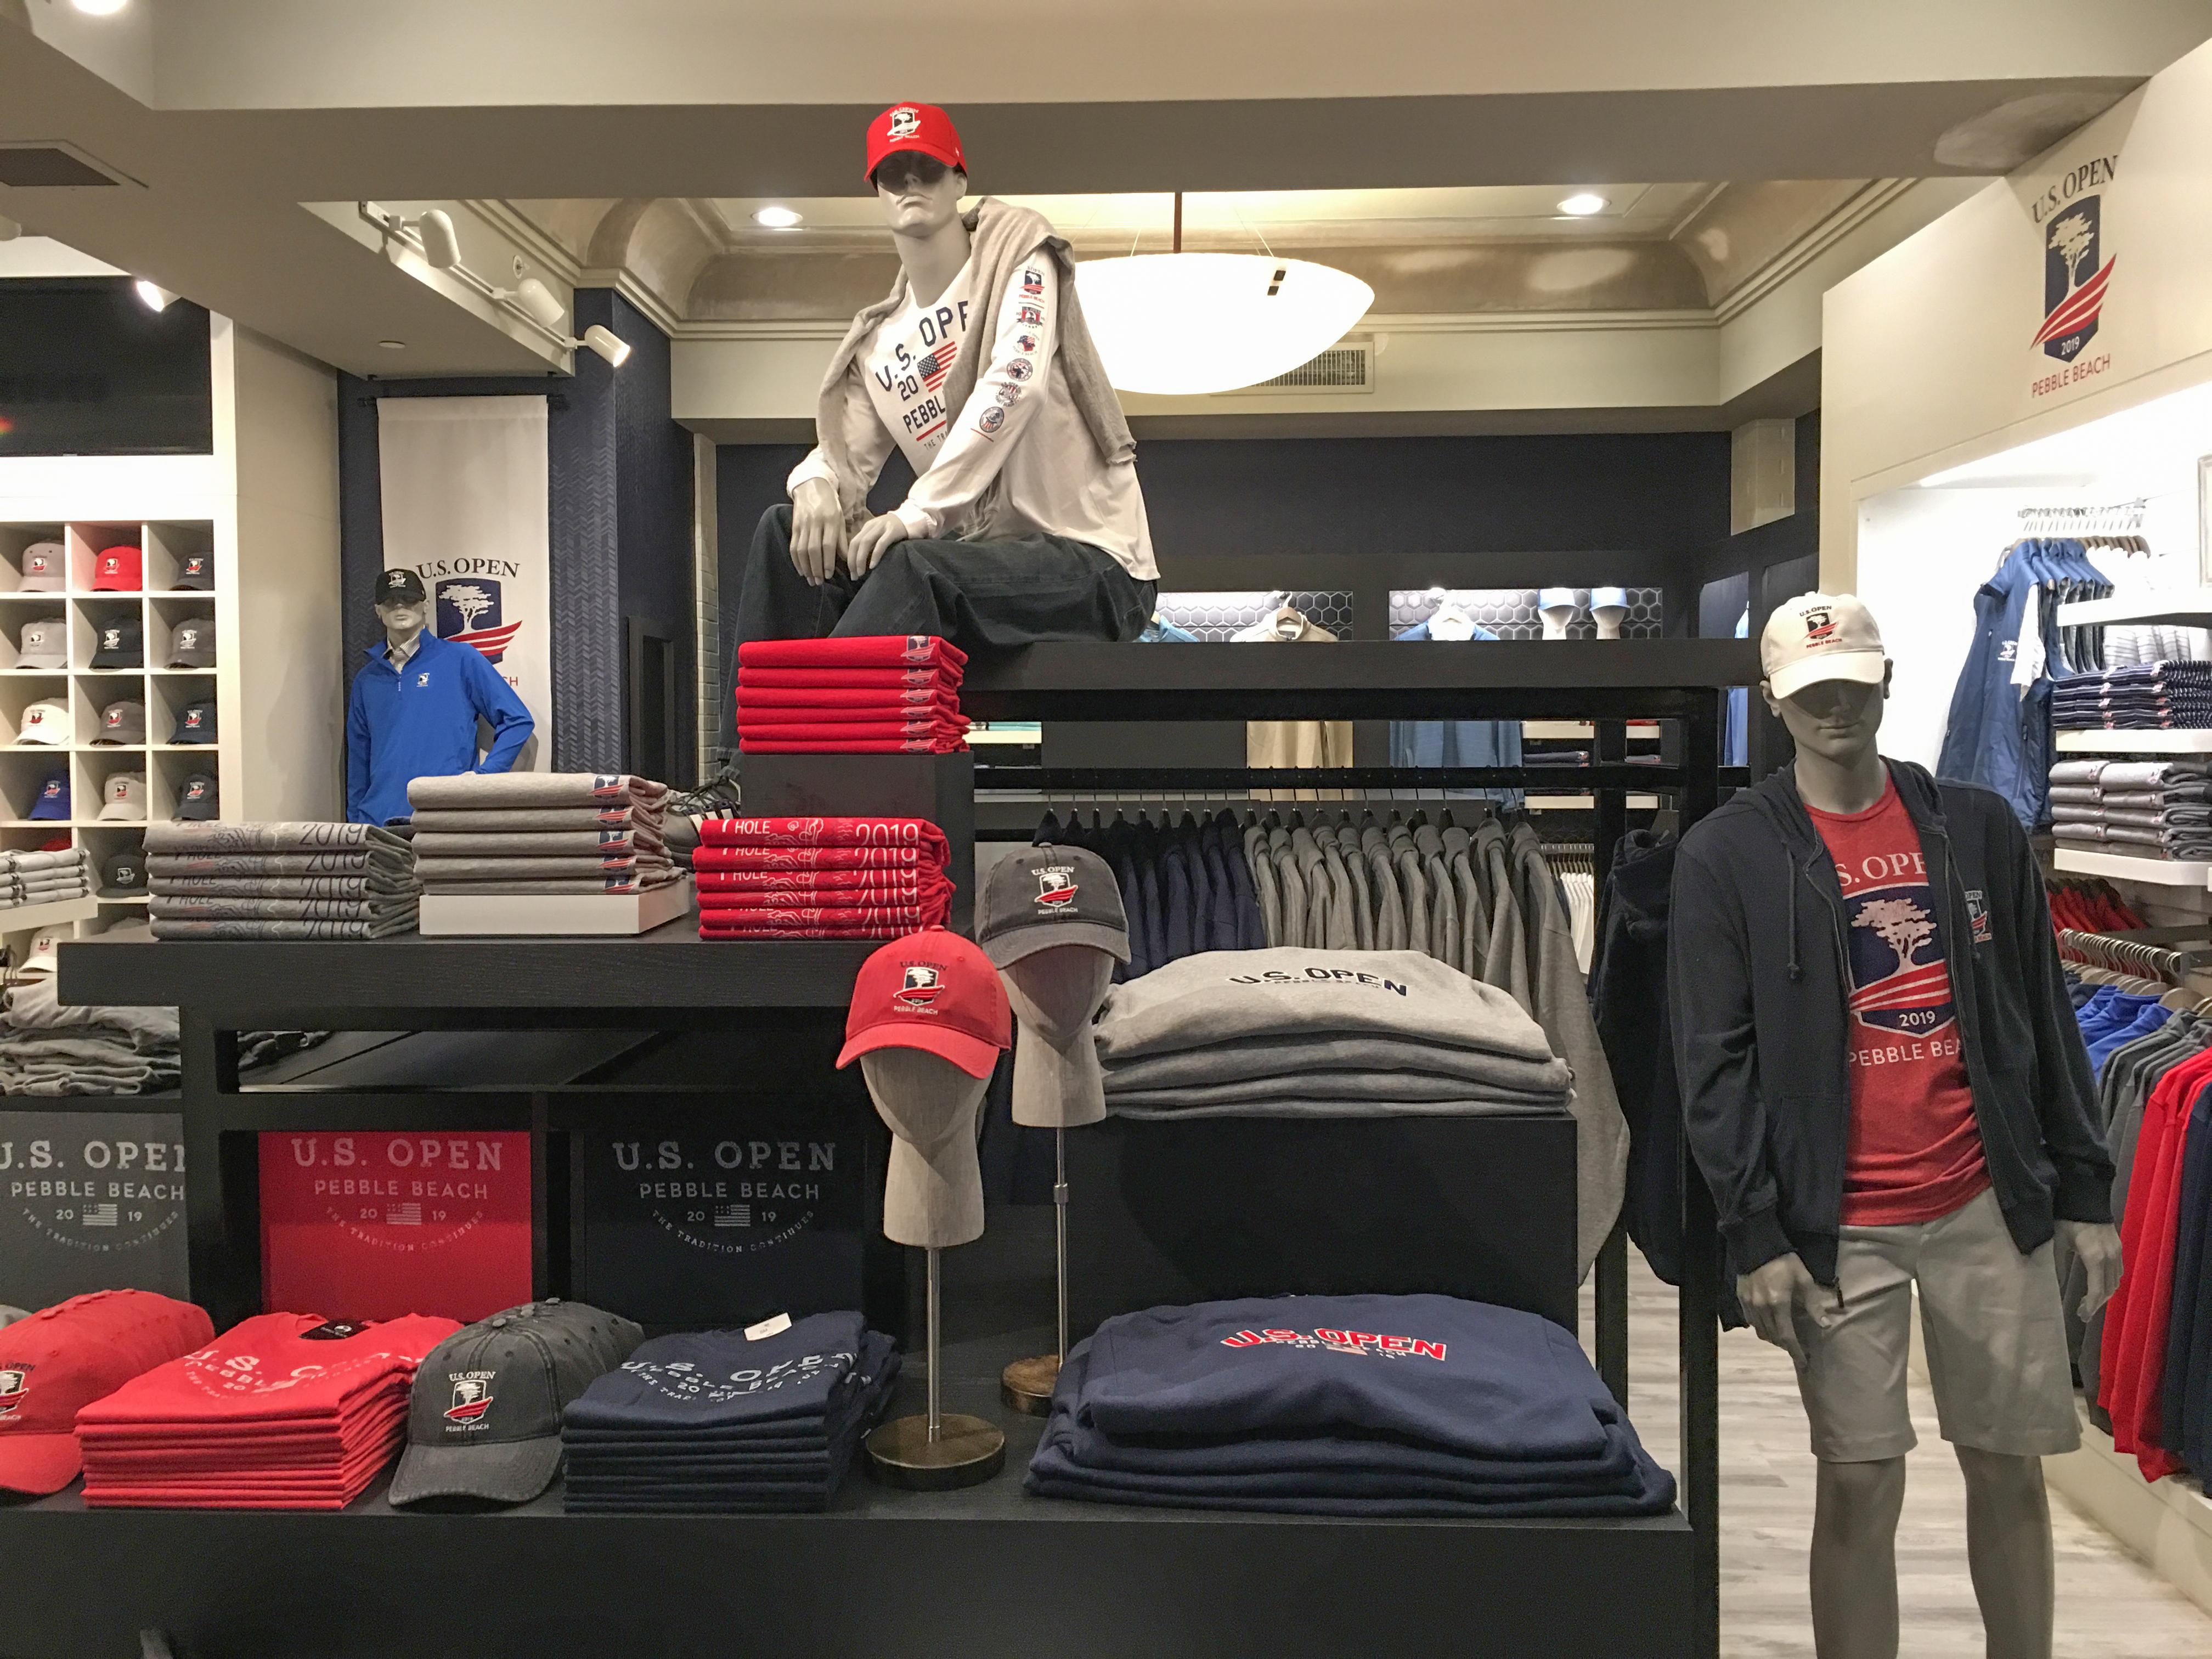 U.S. Open apparel